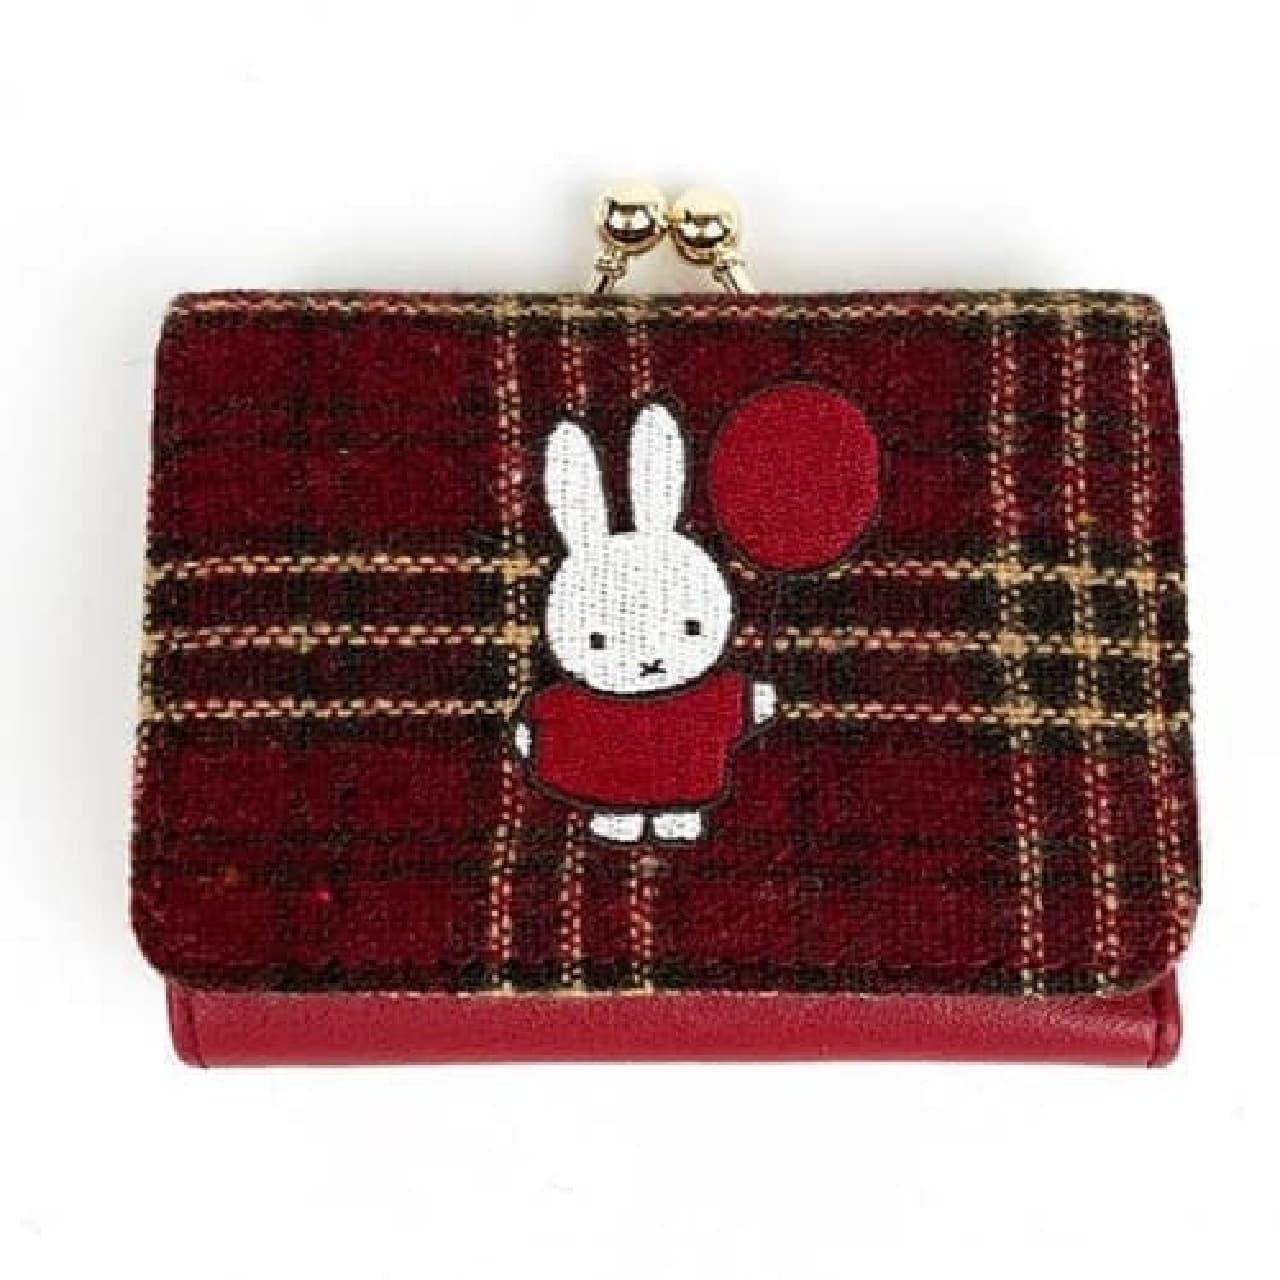 ミッフィー×タータンチェックが可愛いトートや財布 -- 秋冬らしい落ち着いた色味